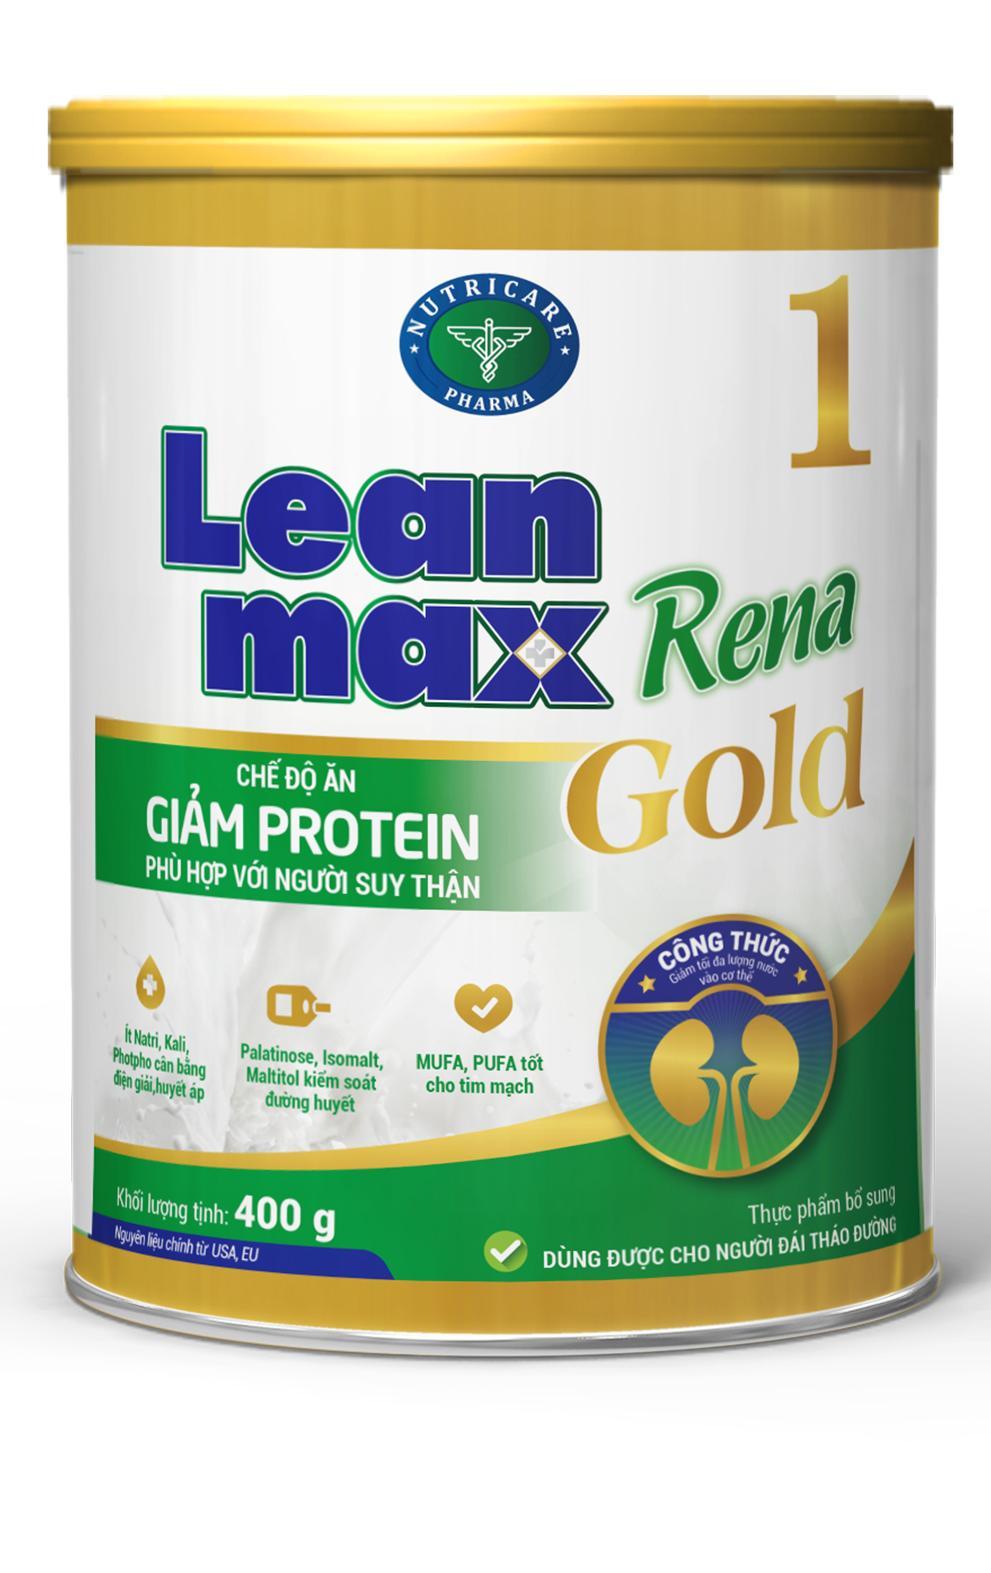 Sữa Leanmax Rena 1 Gold (Sữa đặc hiệu dành cho người bệnh suy thận)